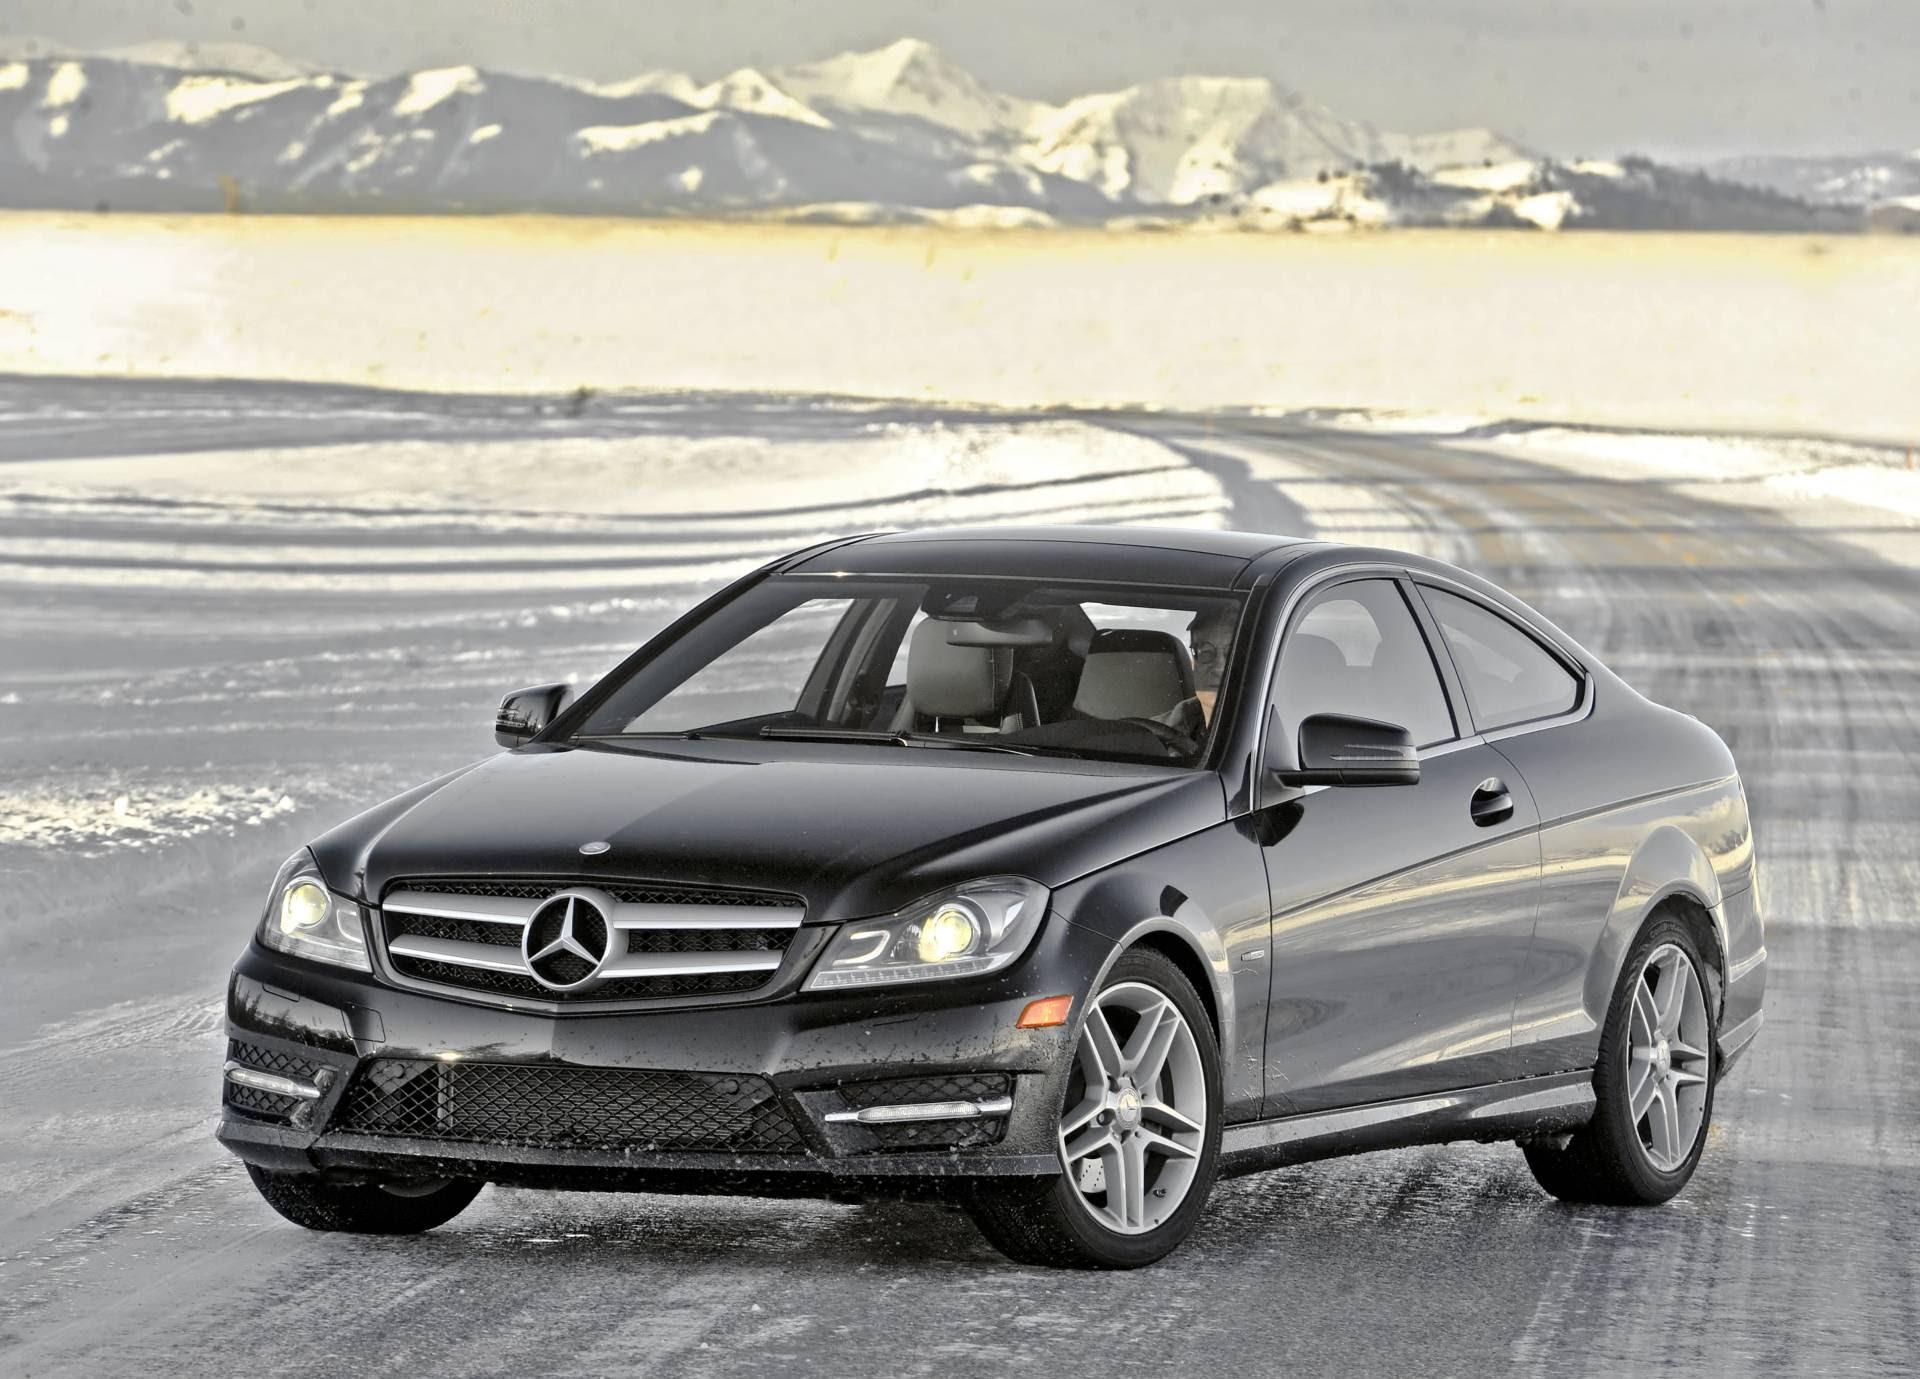 2013 Mercedes-Benz C Class - conceptcarz.com